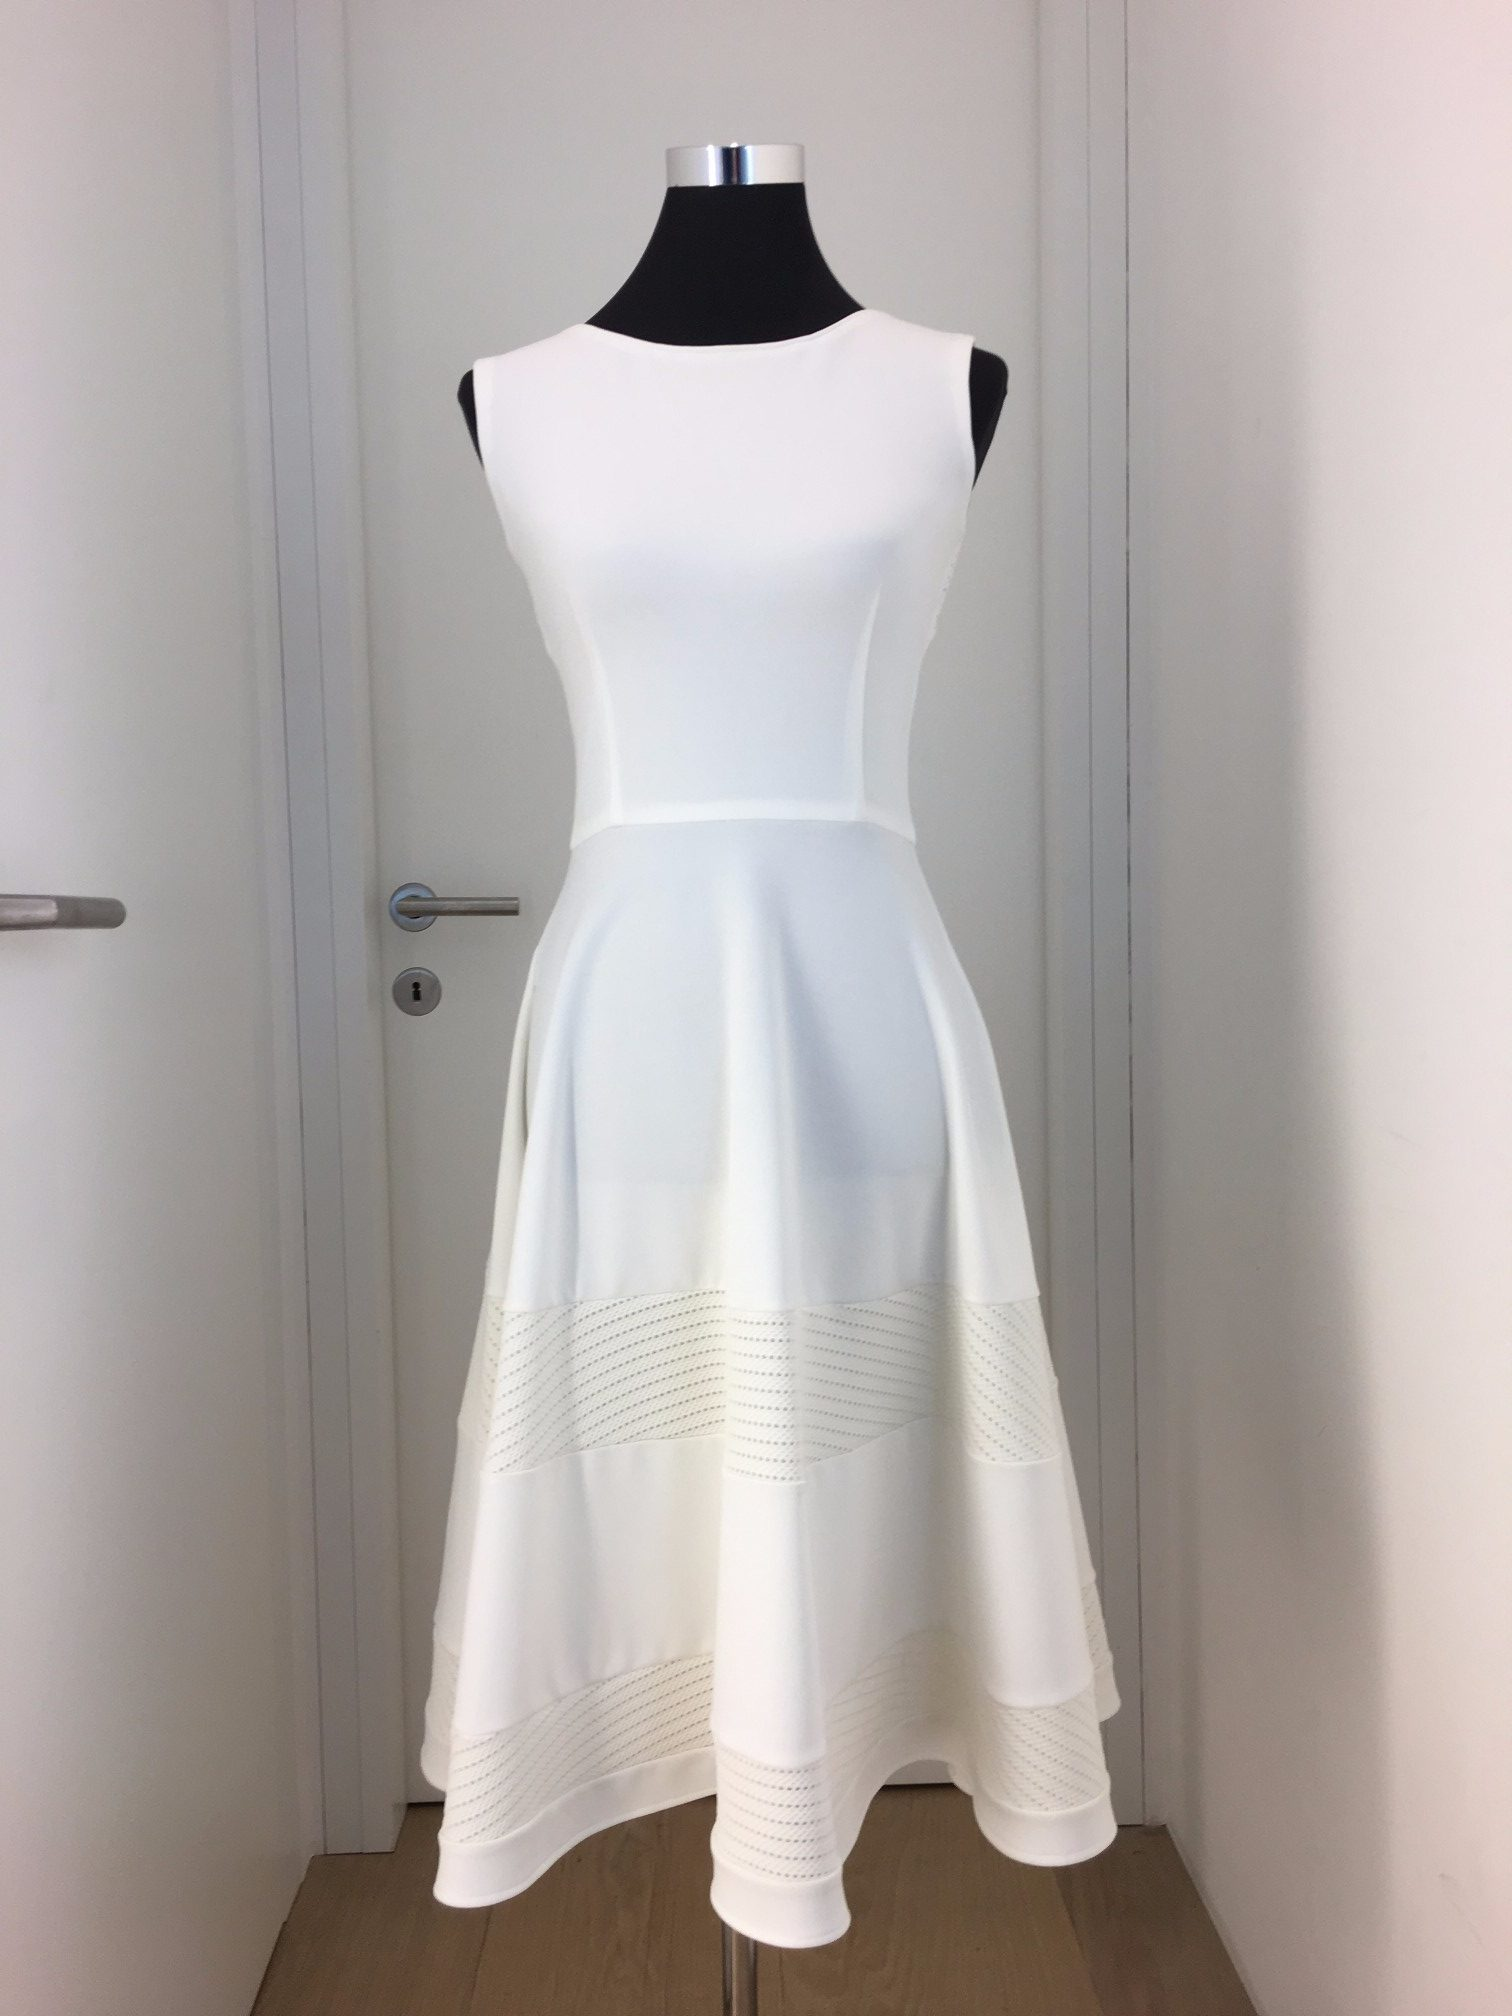 kostüm, kleid, weiß, callisti fashion - luxuspuppe-luxusmode